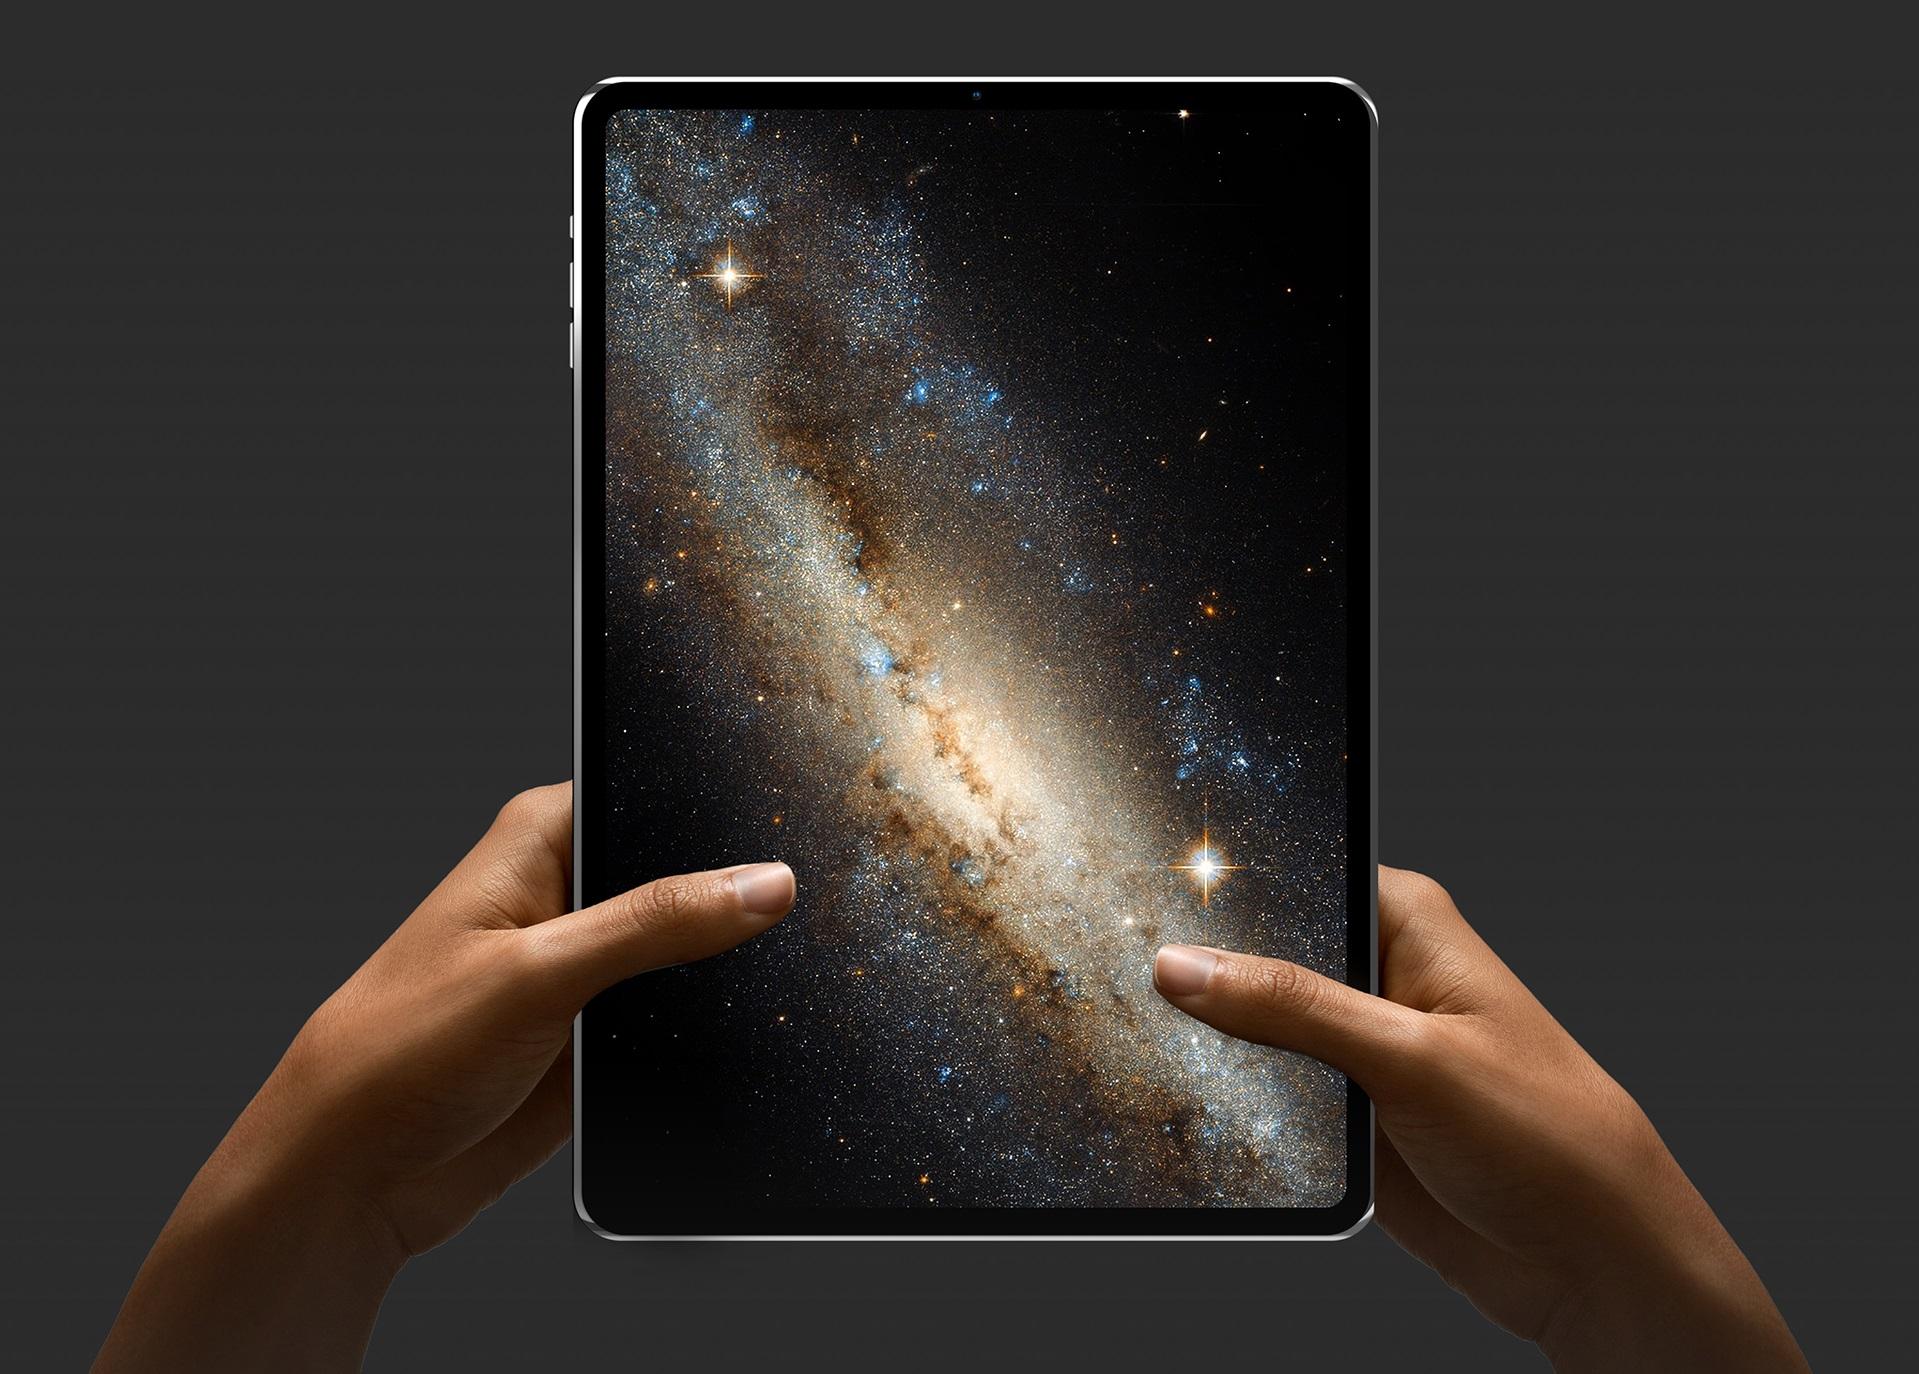 Концепт-арт с iPad Pro из 2018 года